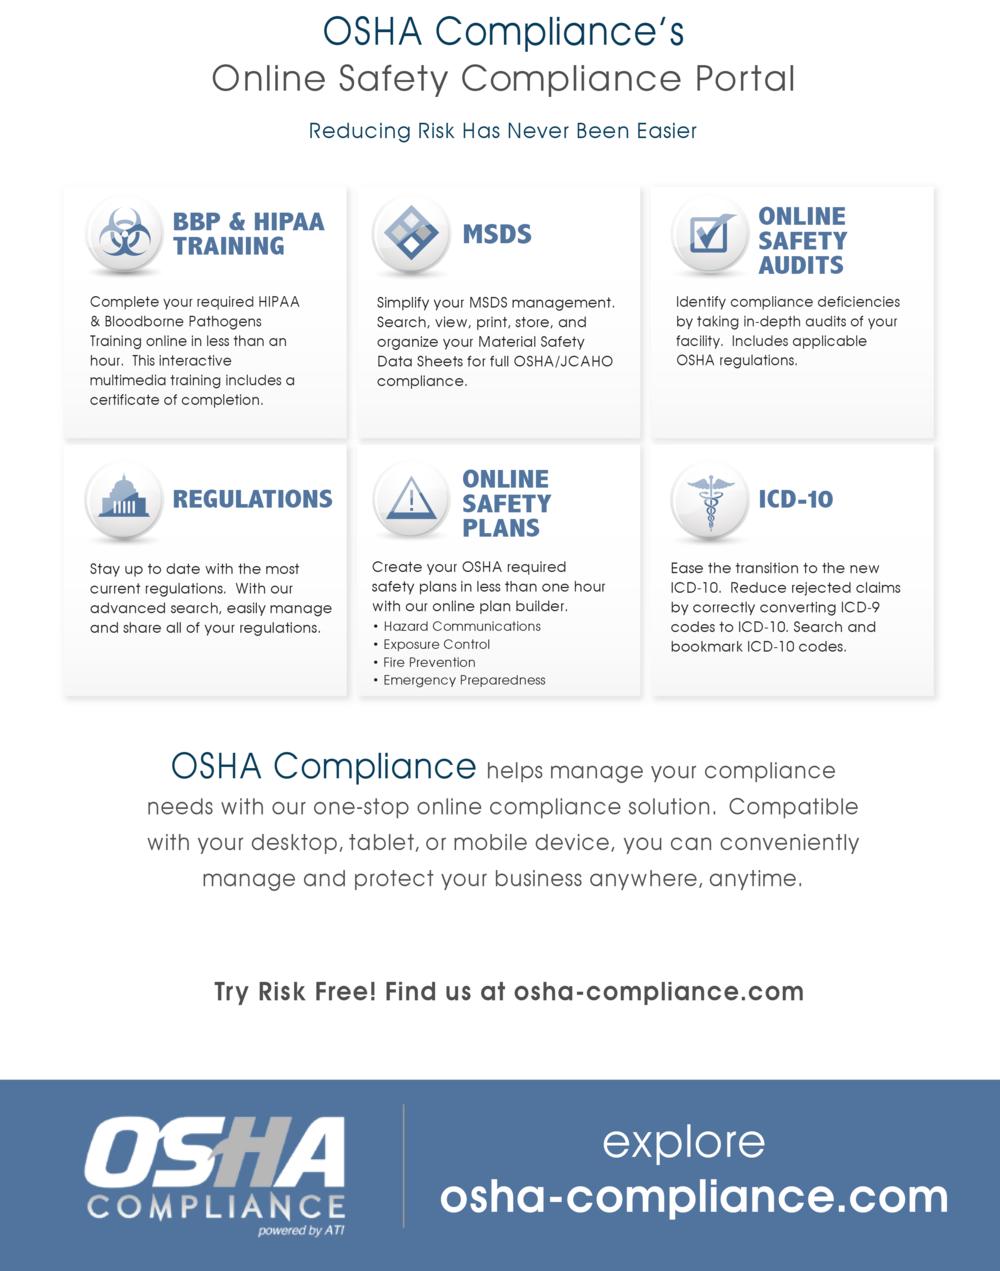 osha_compliance_statement_stuffer_back_web.png